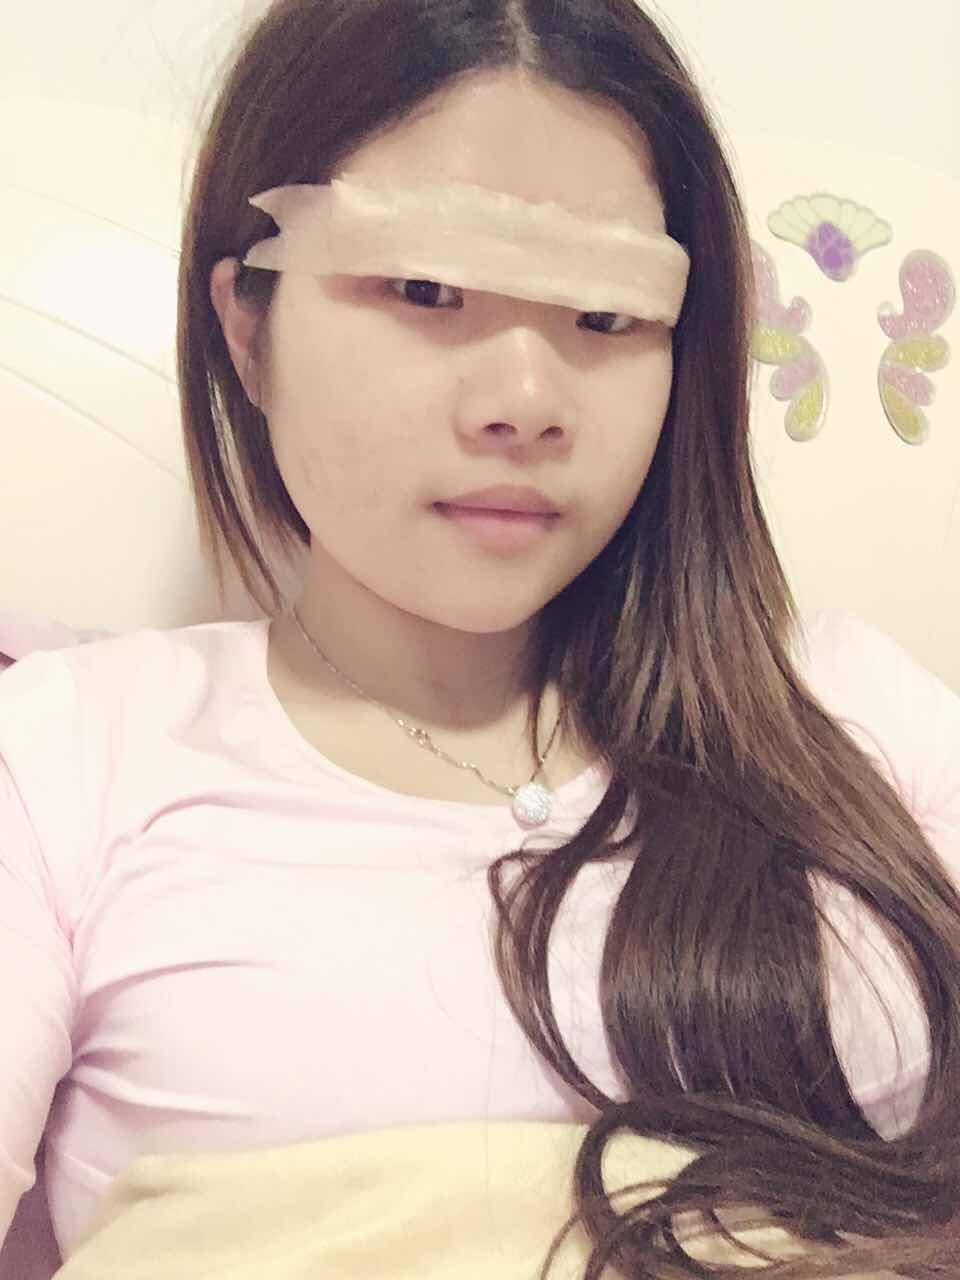 双眼皮术后睁眼练习怎么做,刚做完双眼皮手术8个小时